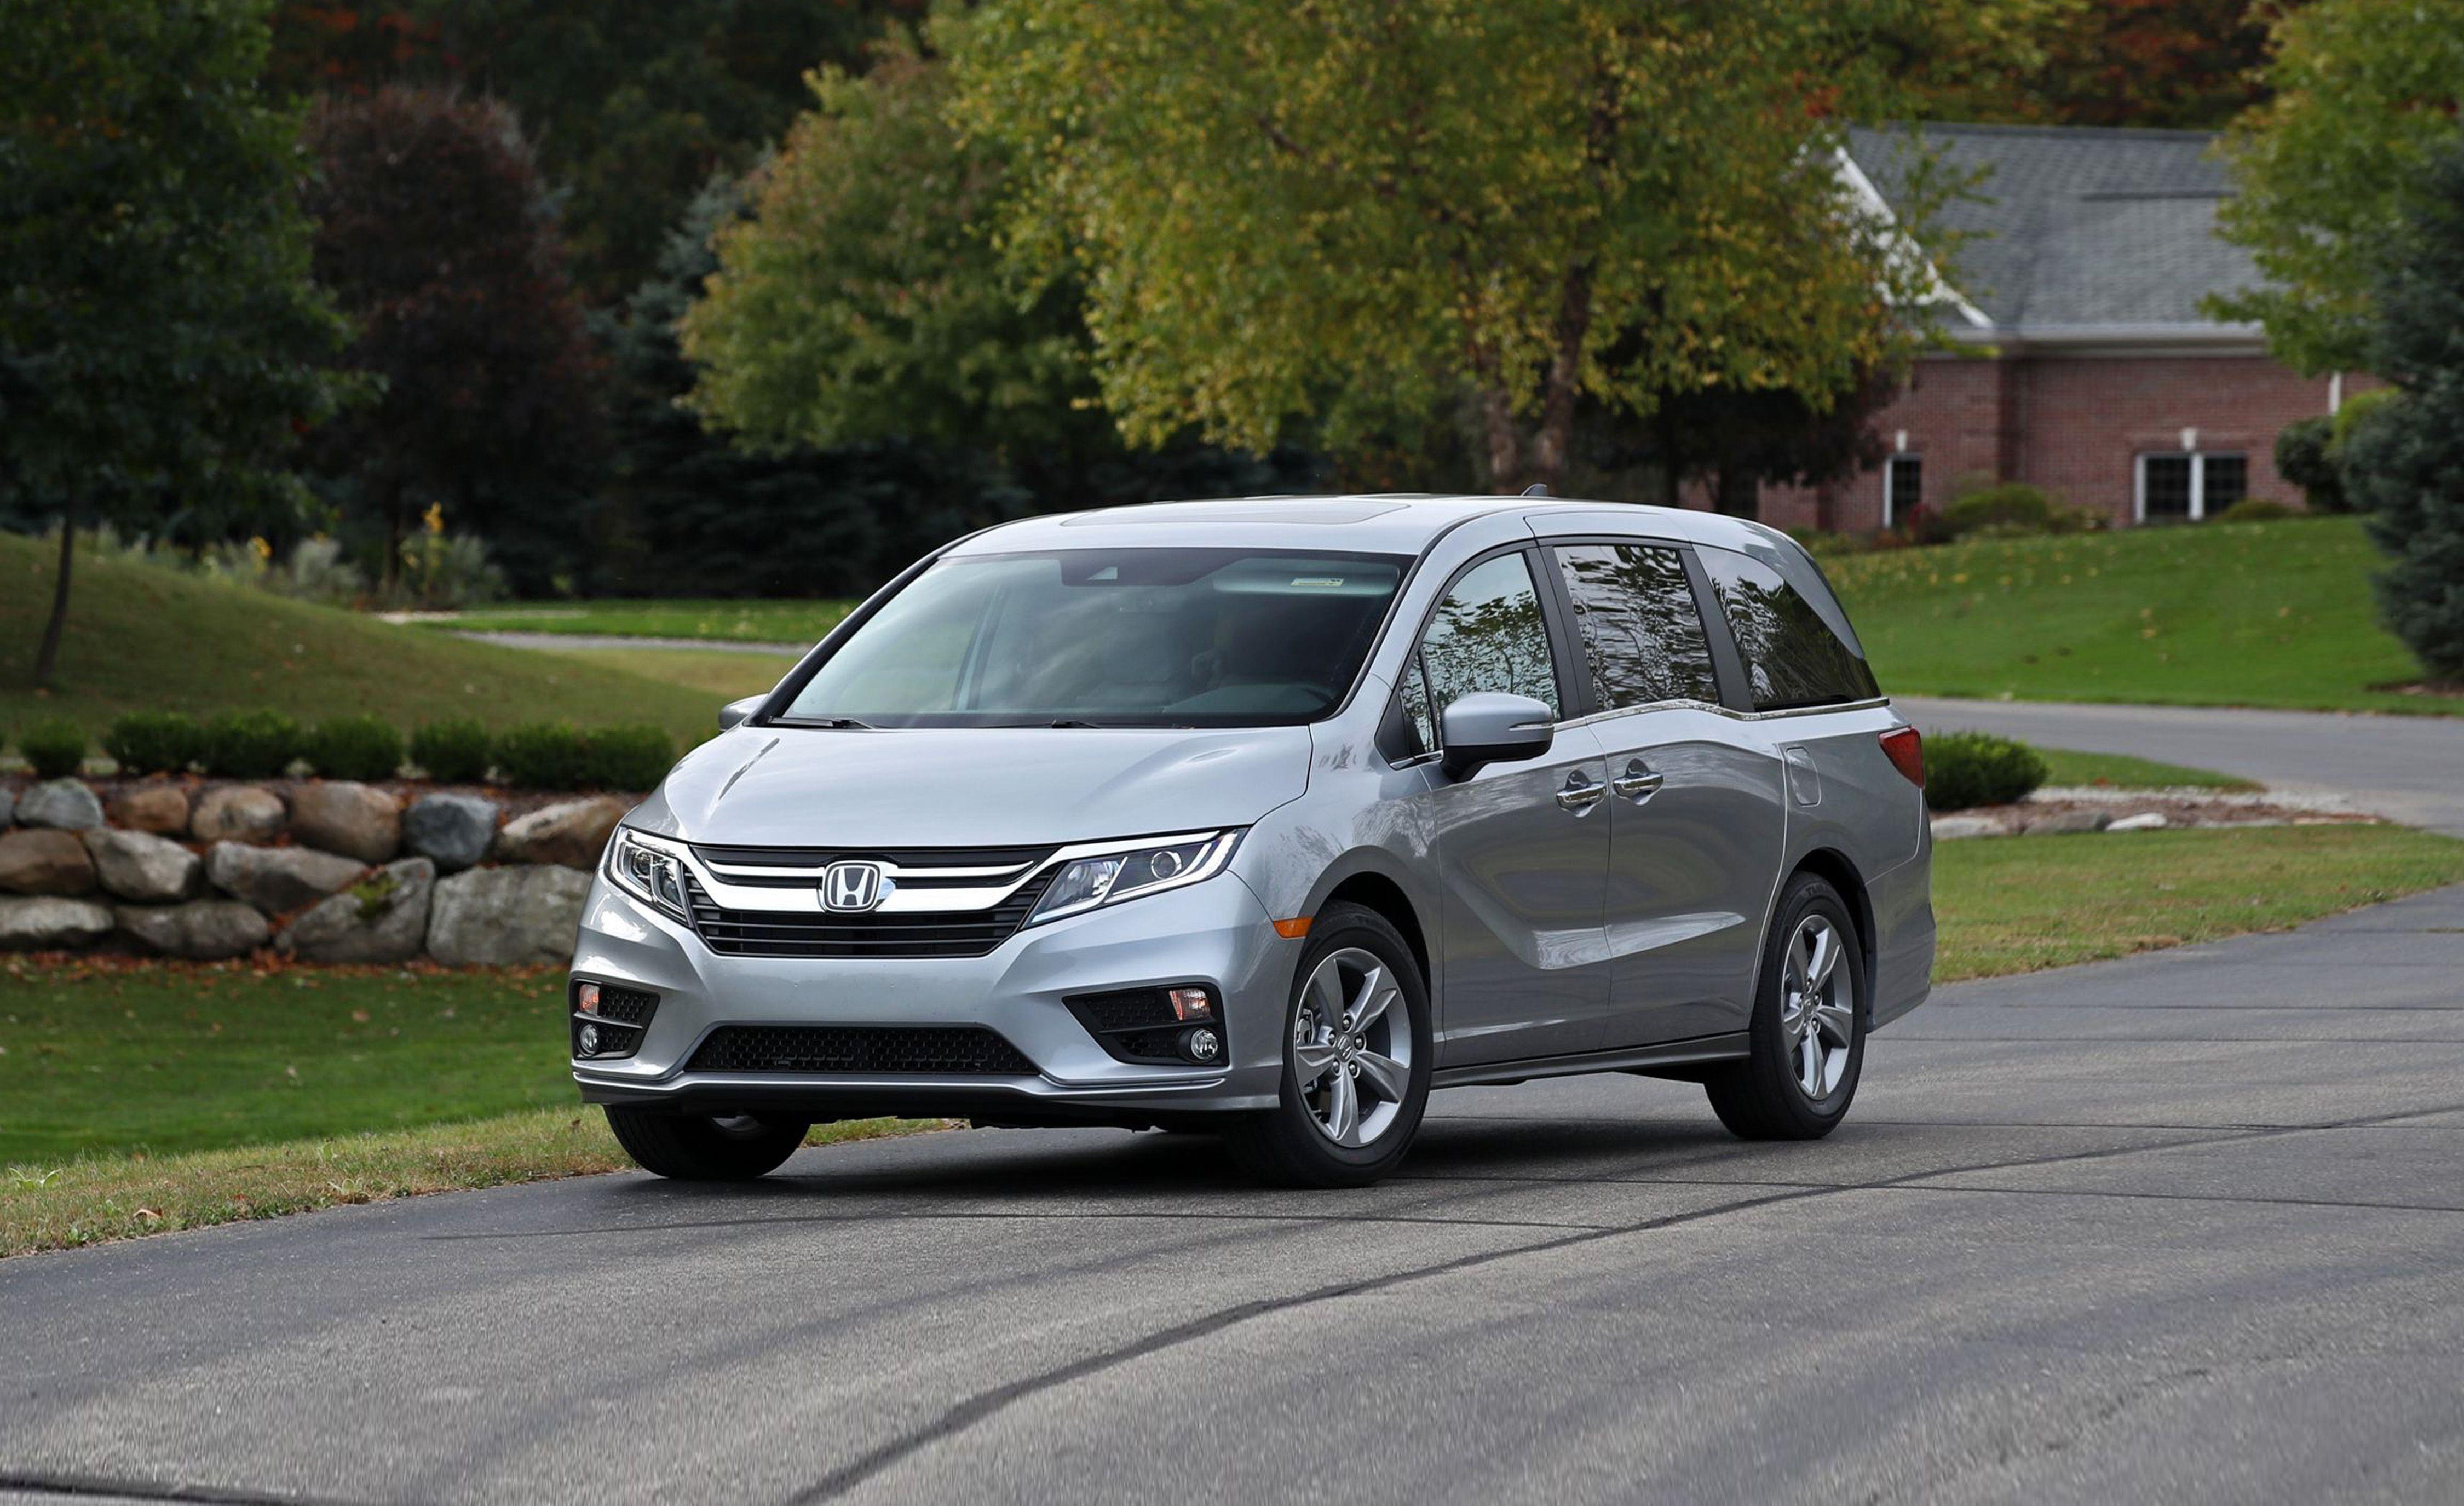 2019 Honda Odyssey Reviews   Honda Odyssey Price, Photos, and Specs   Car  and Driver